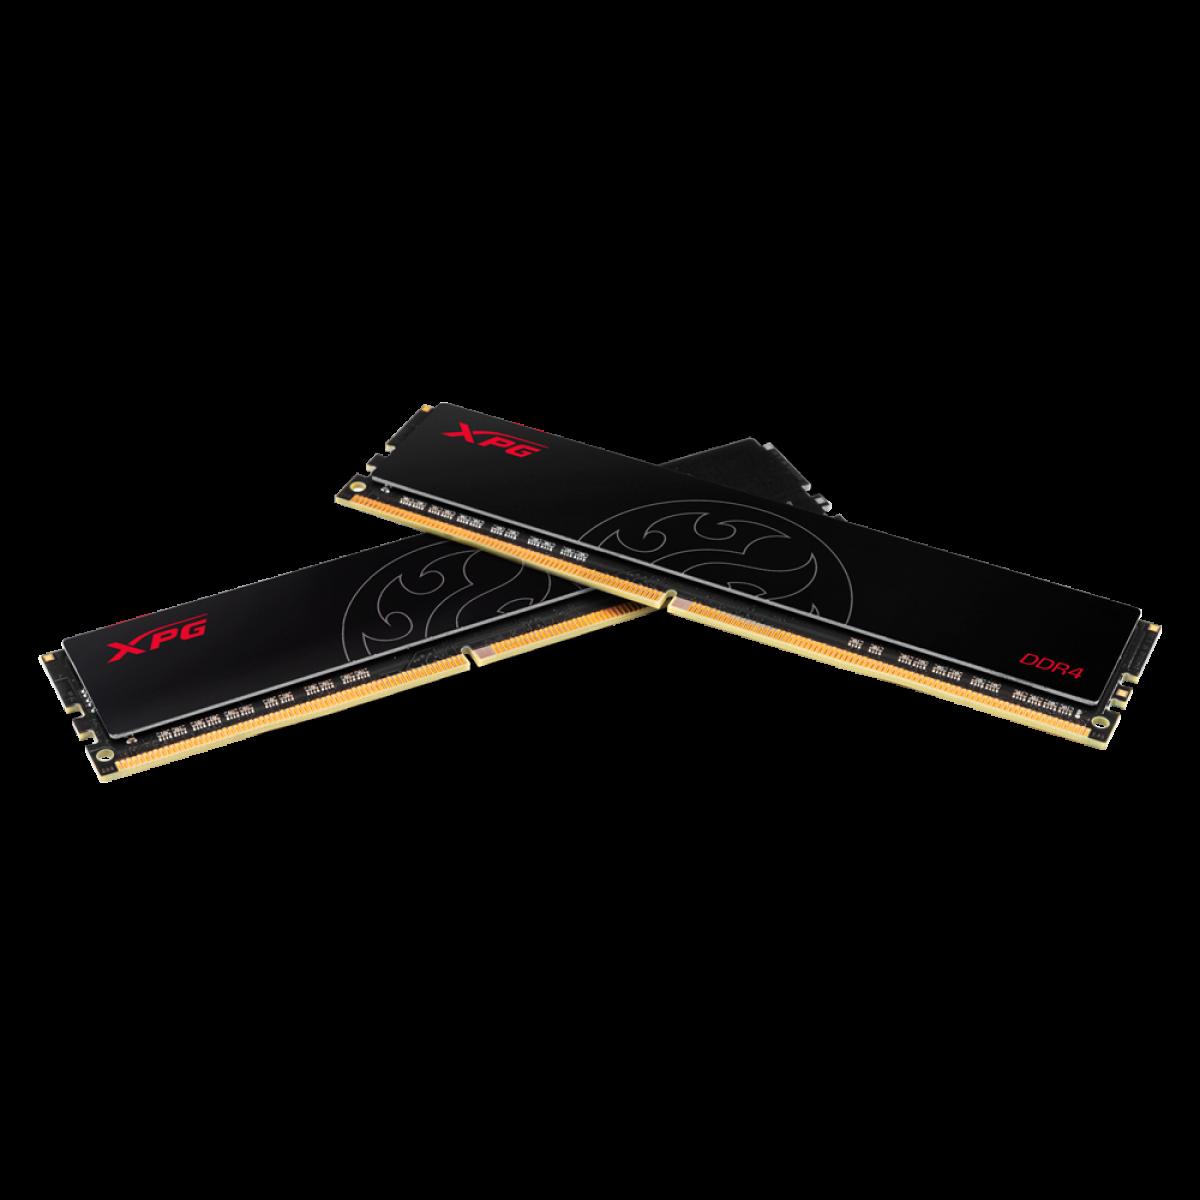 Memória XPG Hunter 8GB 2666MHz DDR4 CL16 - AX4U26668G16-SBHT